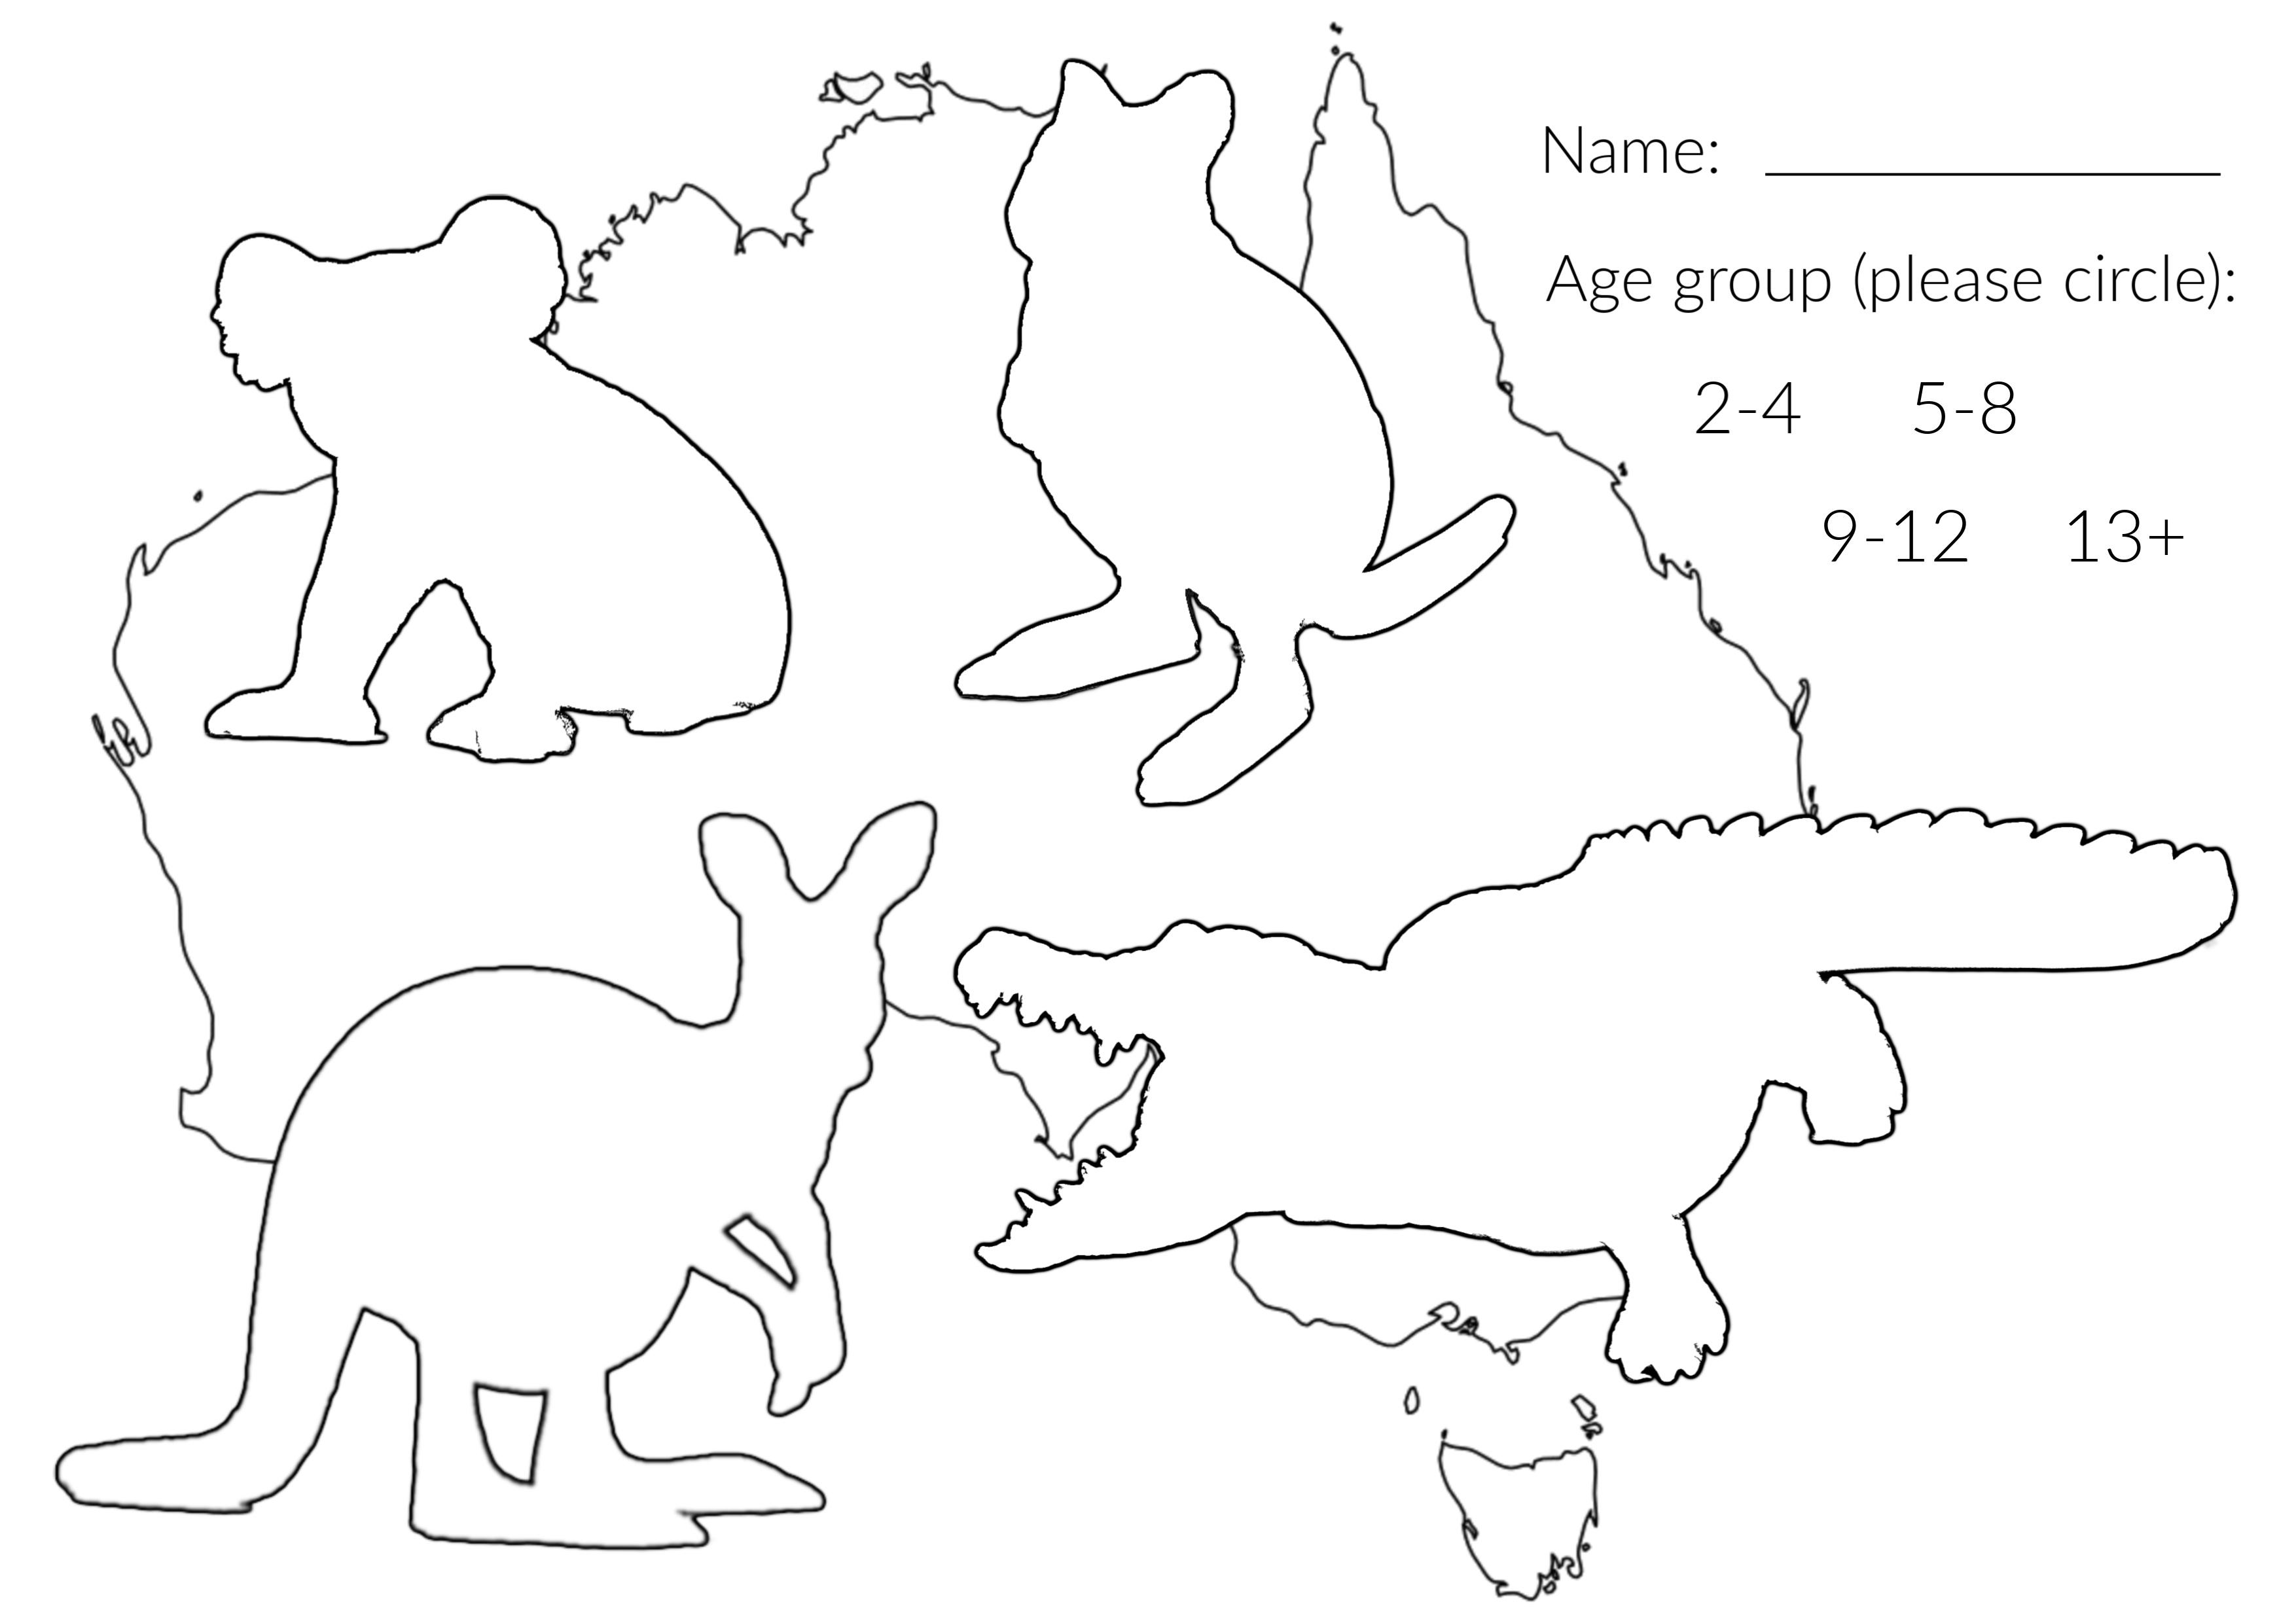 schleich-aussie-animals-design.jpg